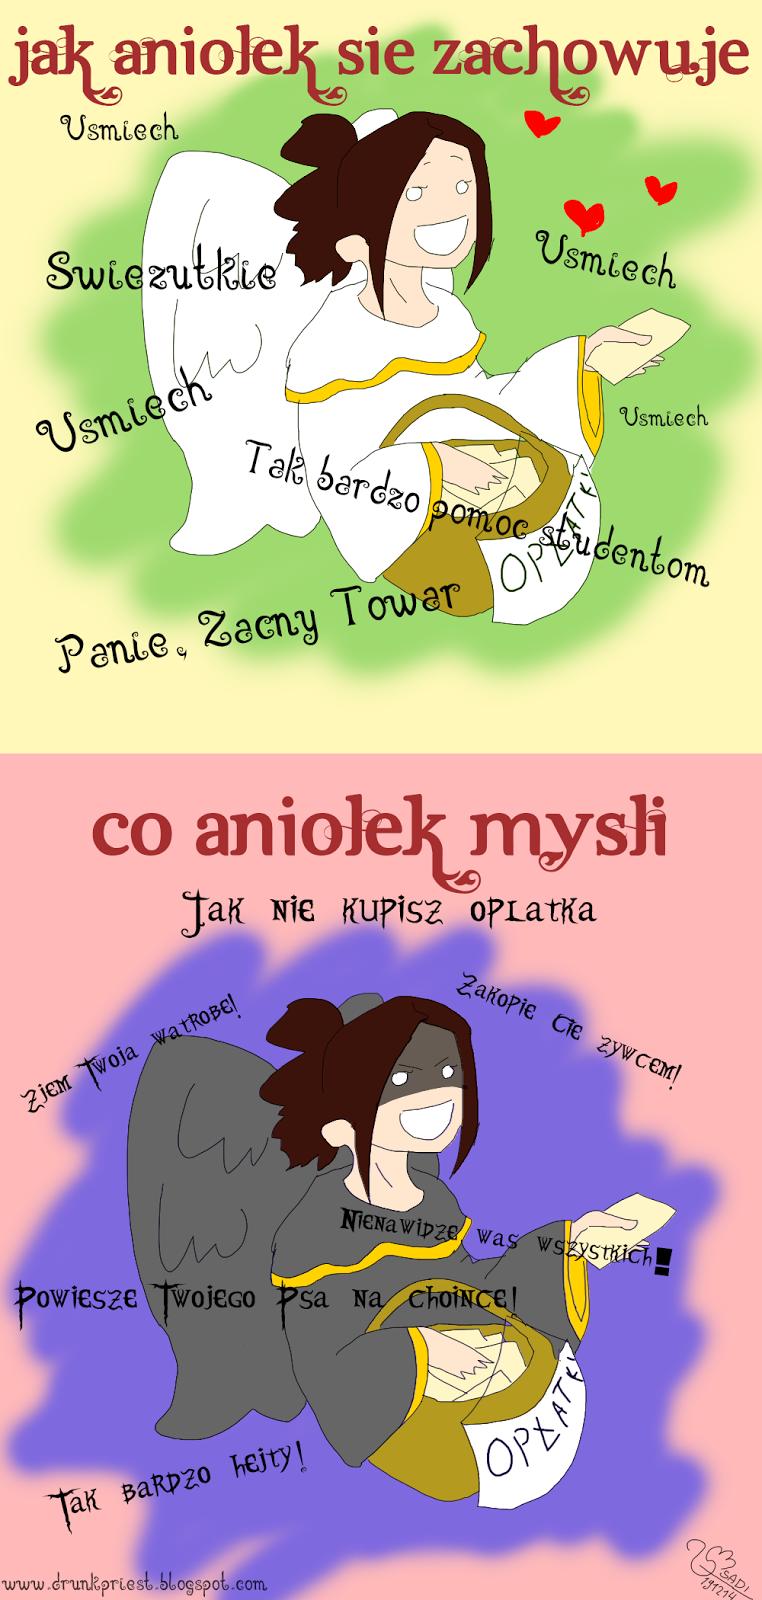 Świąteczny Aniołek Kraków 2014